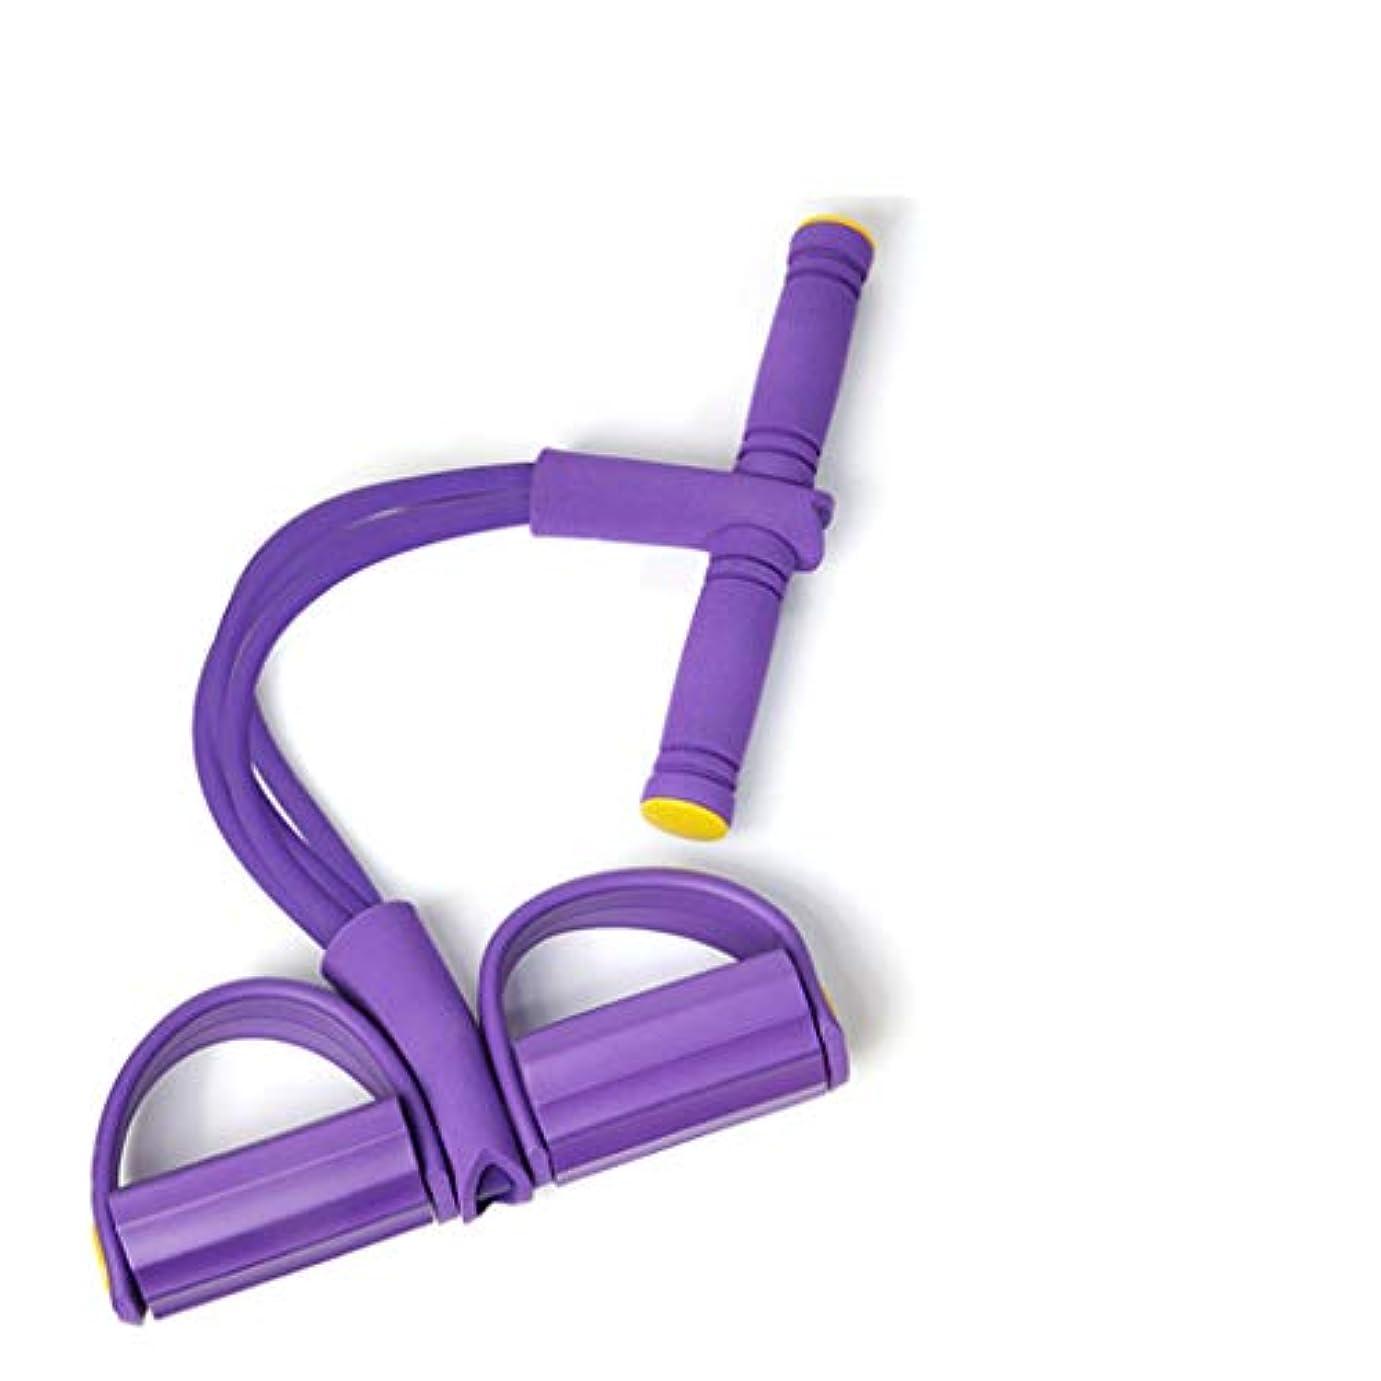 わかるリダクターにぎやか抵抗バンド装置シットアッププラー、減量ウエスト腹部ヨガトレーニング整形練習腕/脚/肩/腹部オフィスエクササイズ,Purple